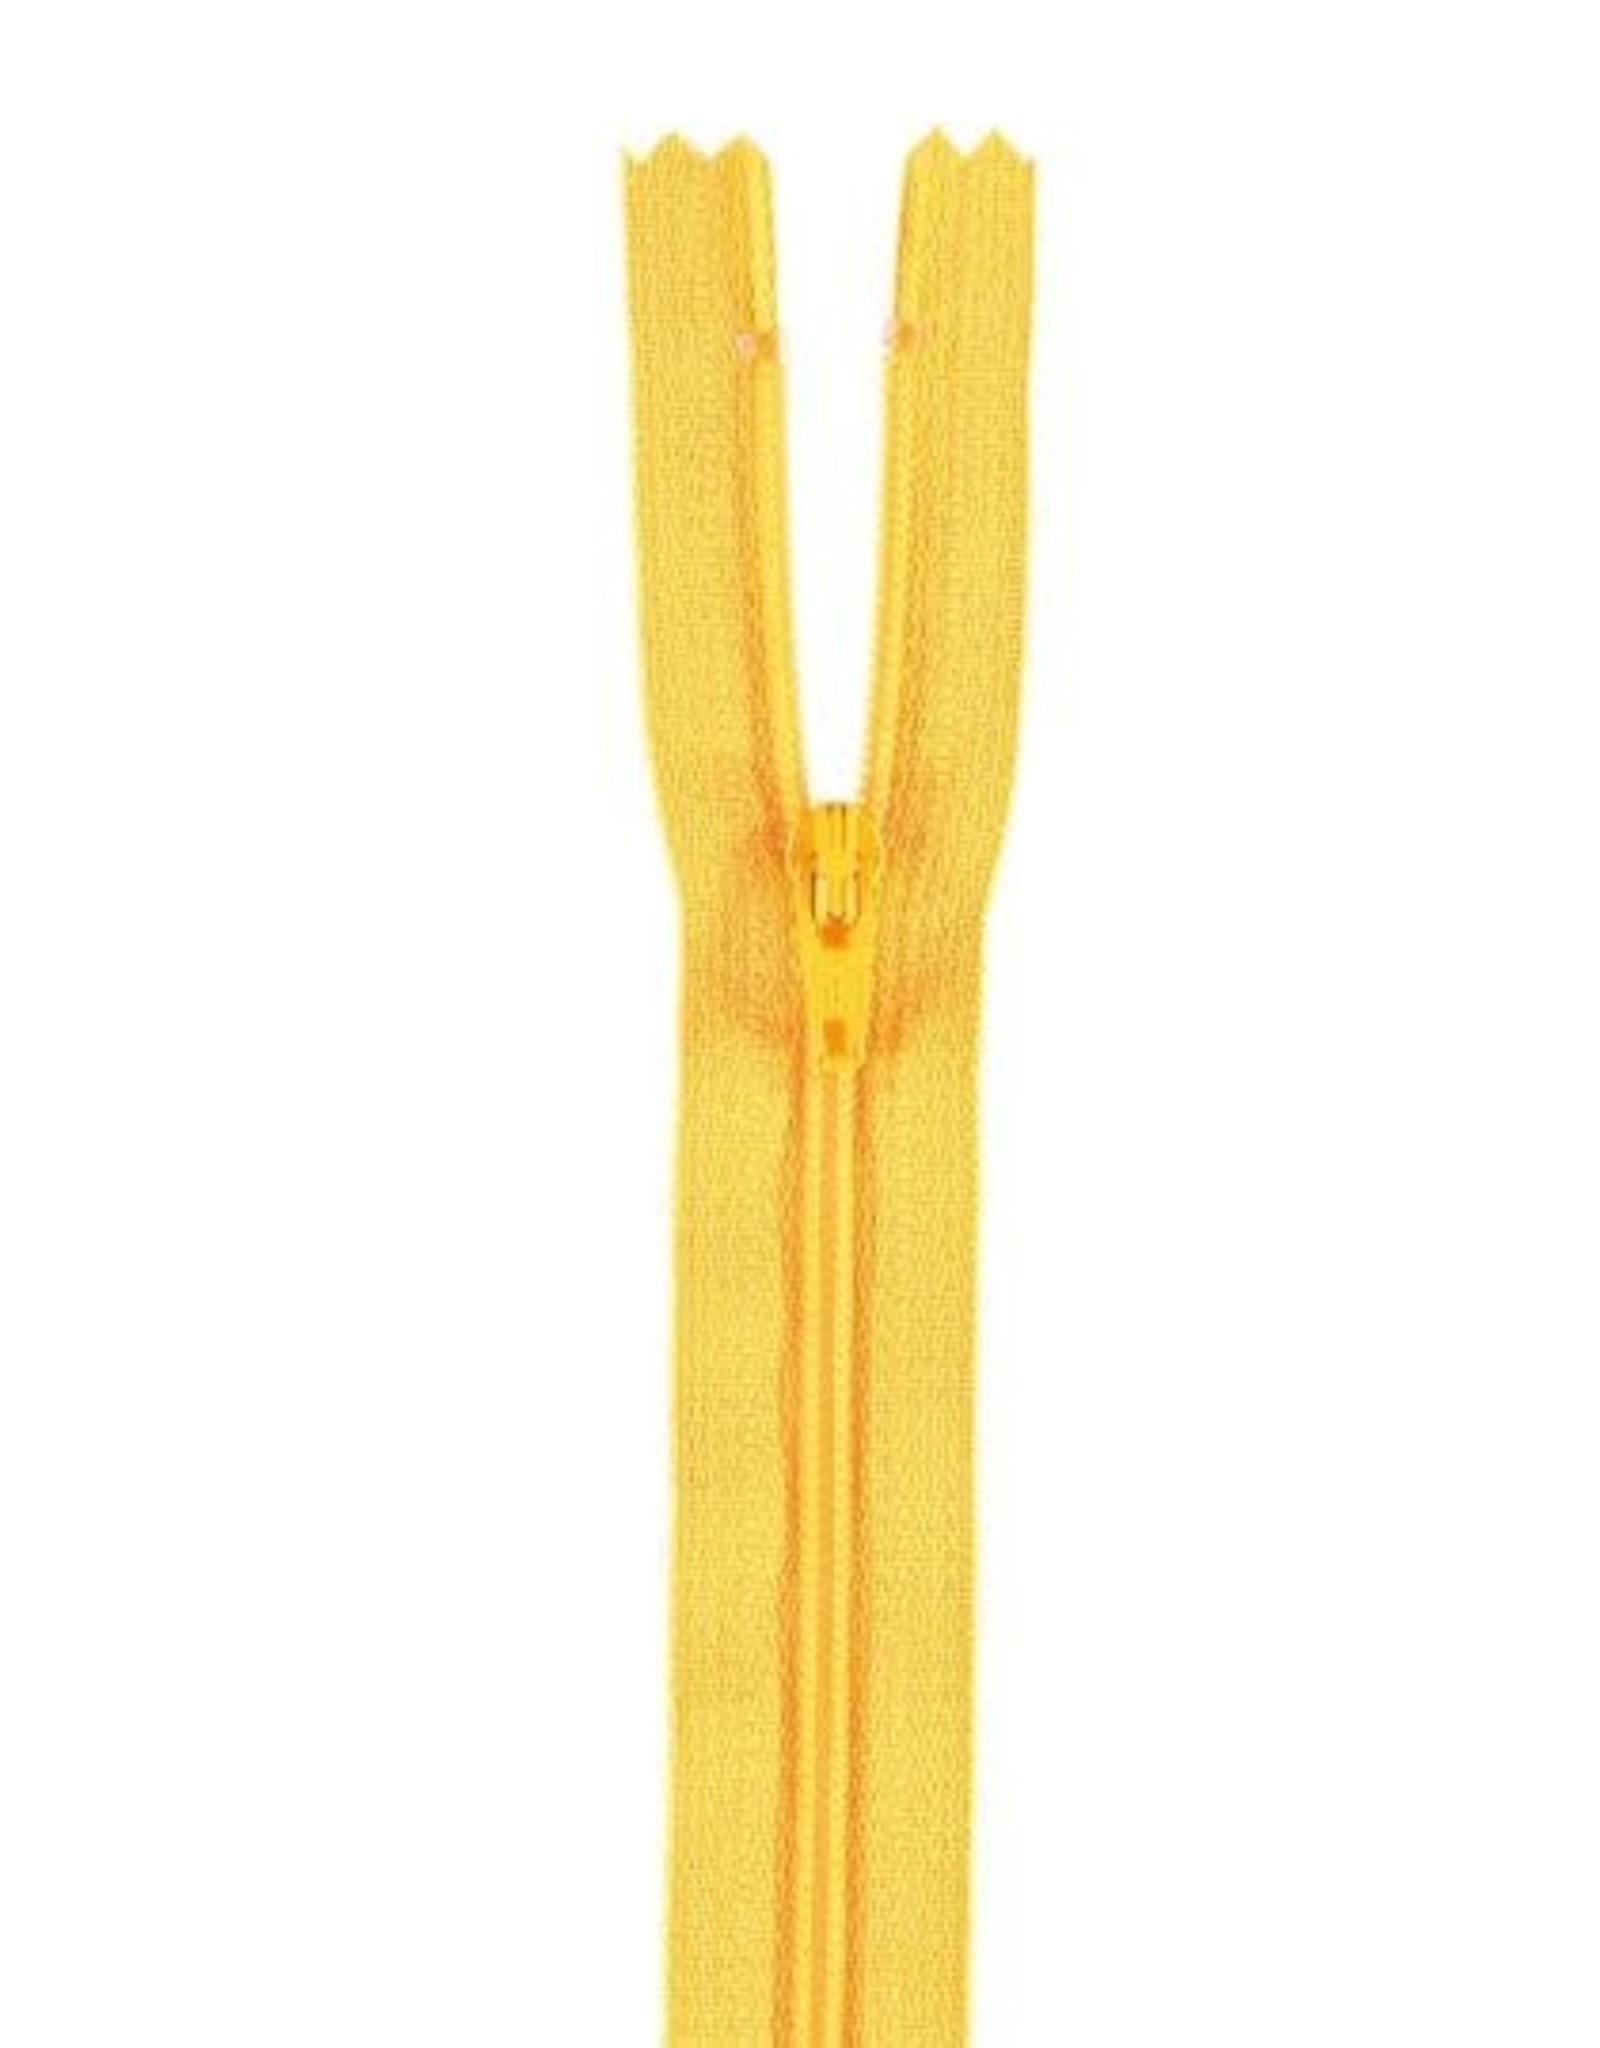 YKK Spiraalrits niet-DB 3mm geel 506-45cm